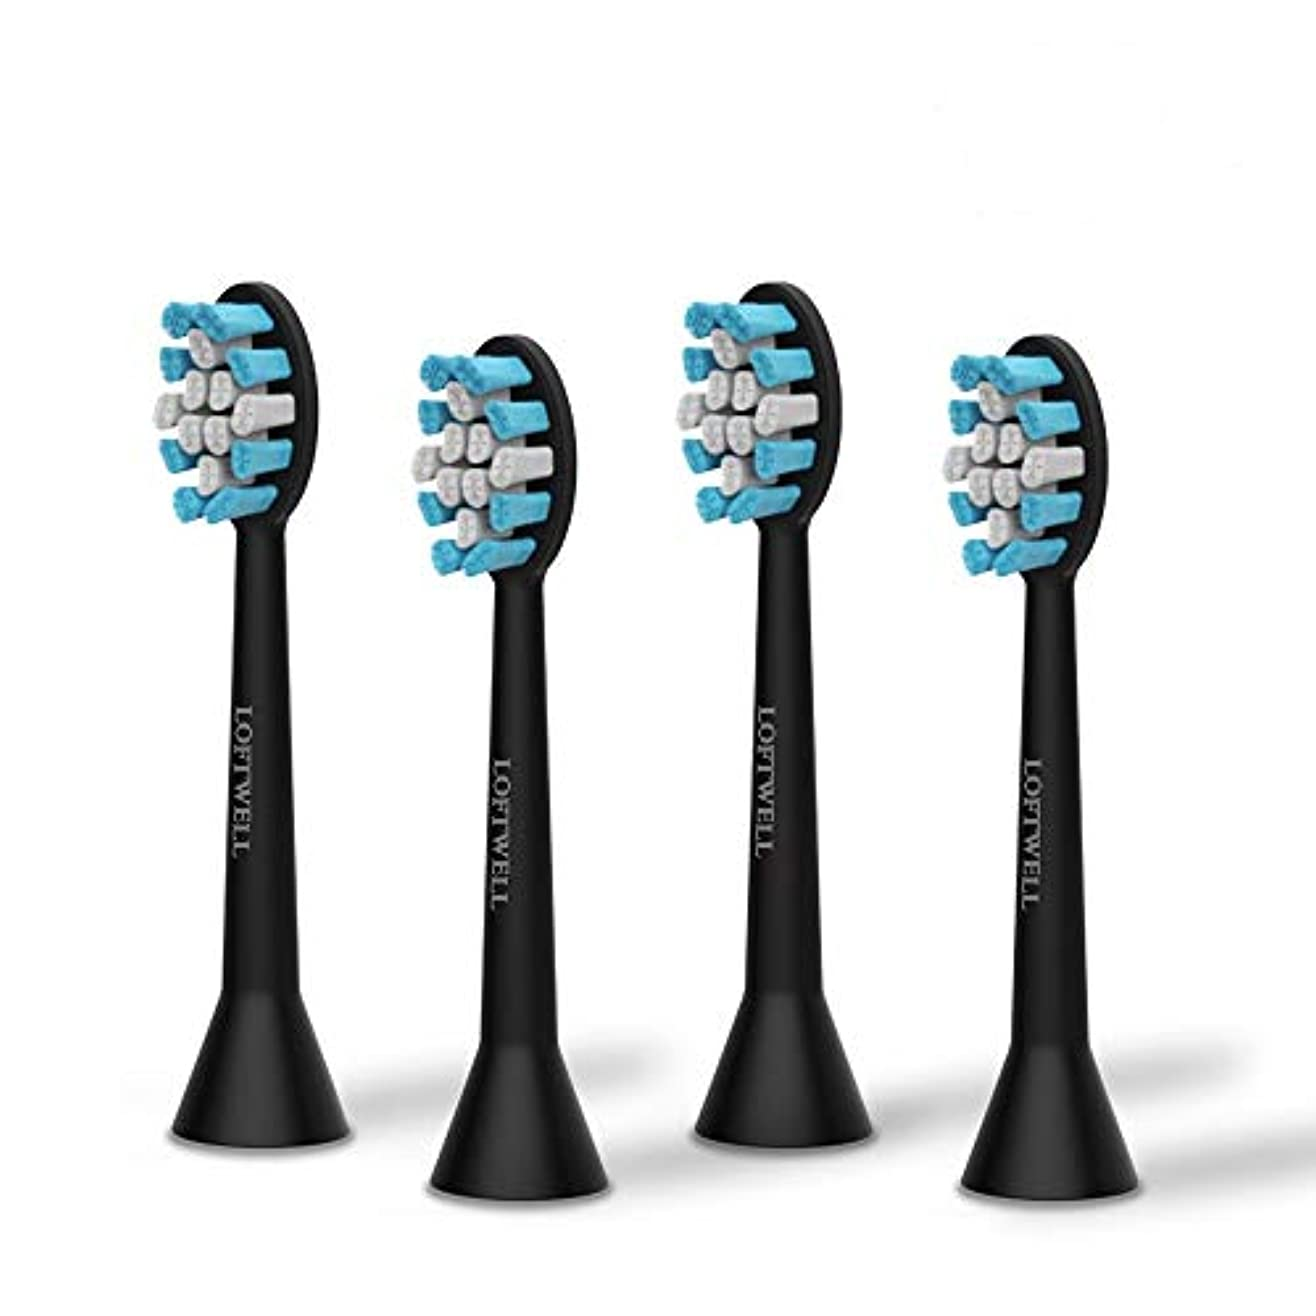 見捨てる脈拍クローンloftwell 電動歯ブラシD5とD9通用替えブラシ 替えブラシ 4本入れ